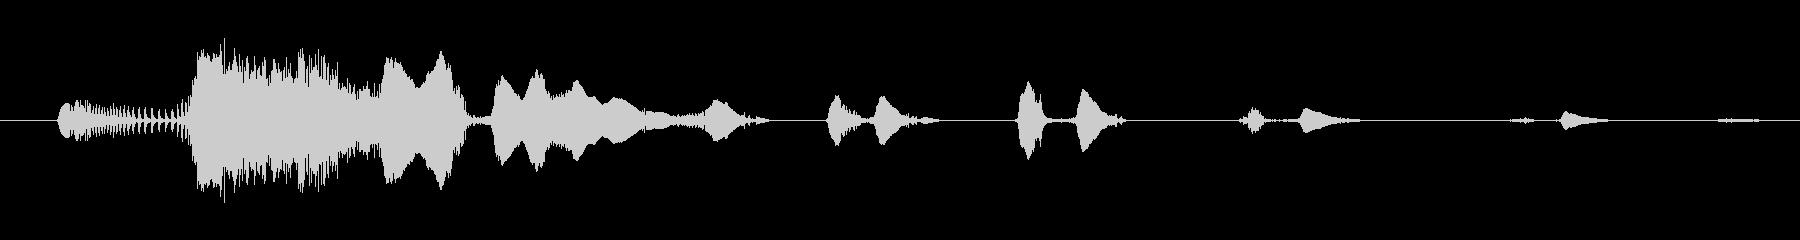 鳴き声 女性の叫び01の未再生の波形